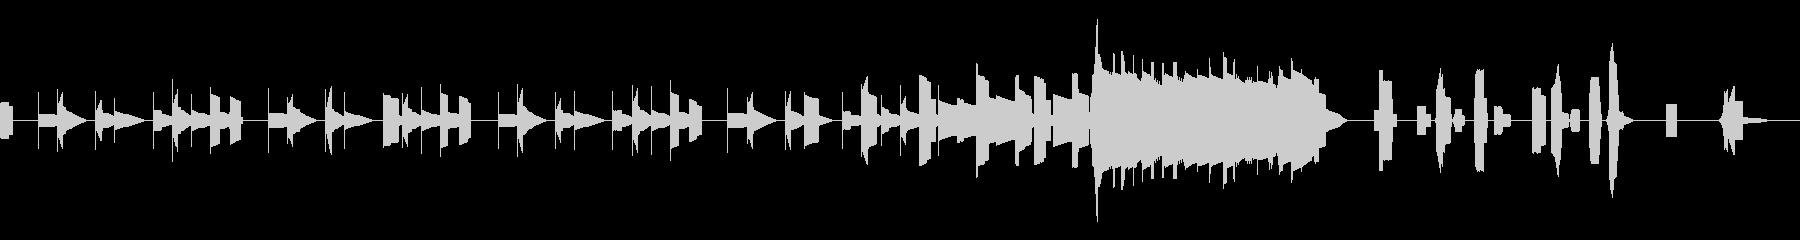 チップチューンの明るいジングルの未再生の波形